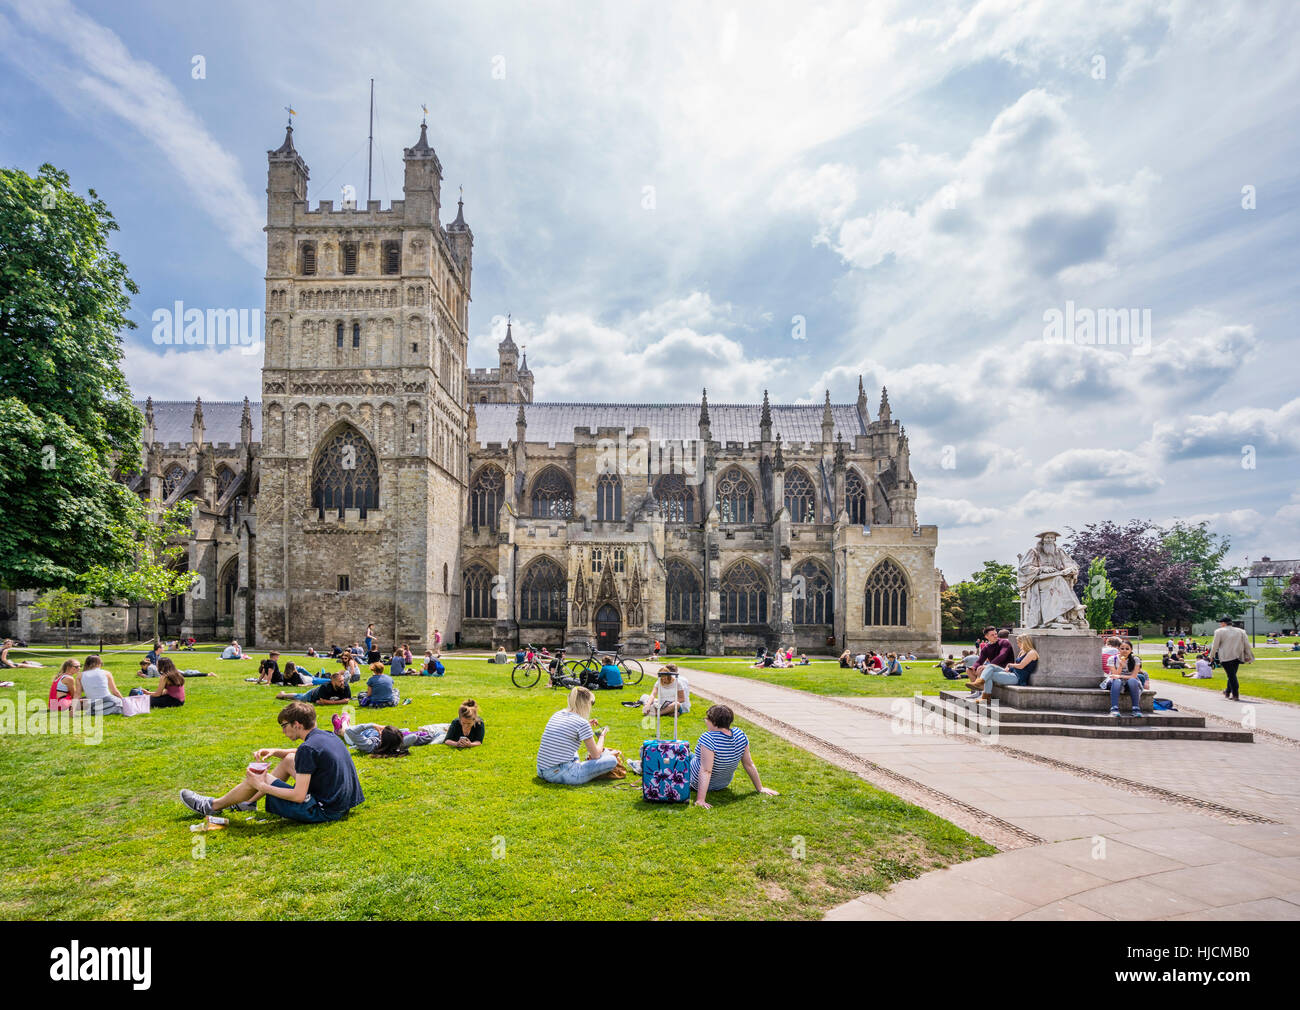 Großbritannien, South West England, Devon, Exeter, Kathedrale von Exeter und die Statue von Richard Hooker Stockbild